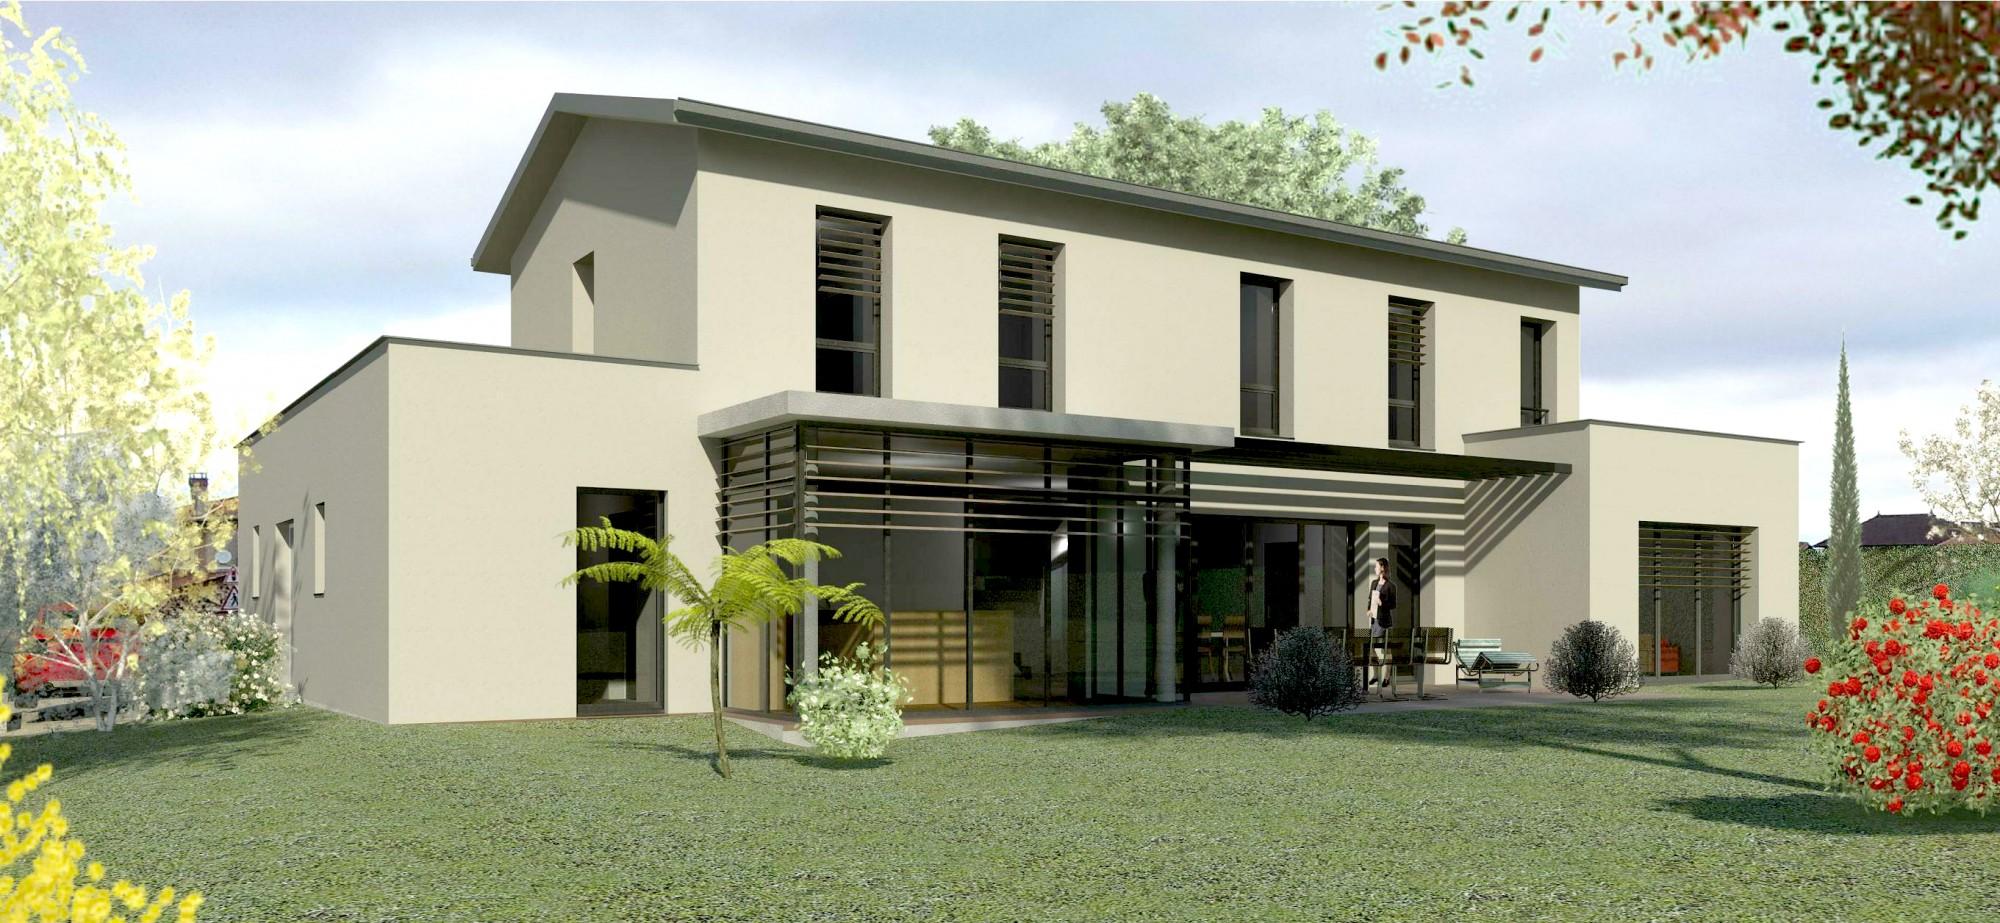 Projet En Cours De Livraison D 39 Une Maison Semi